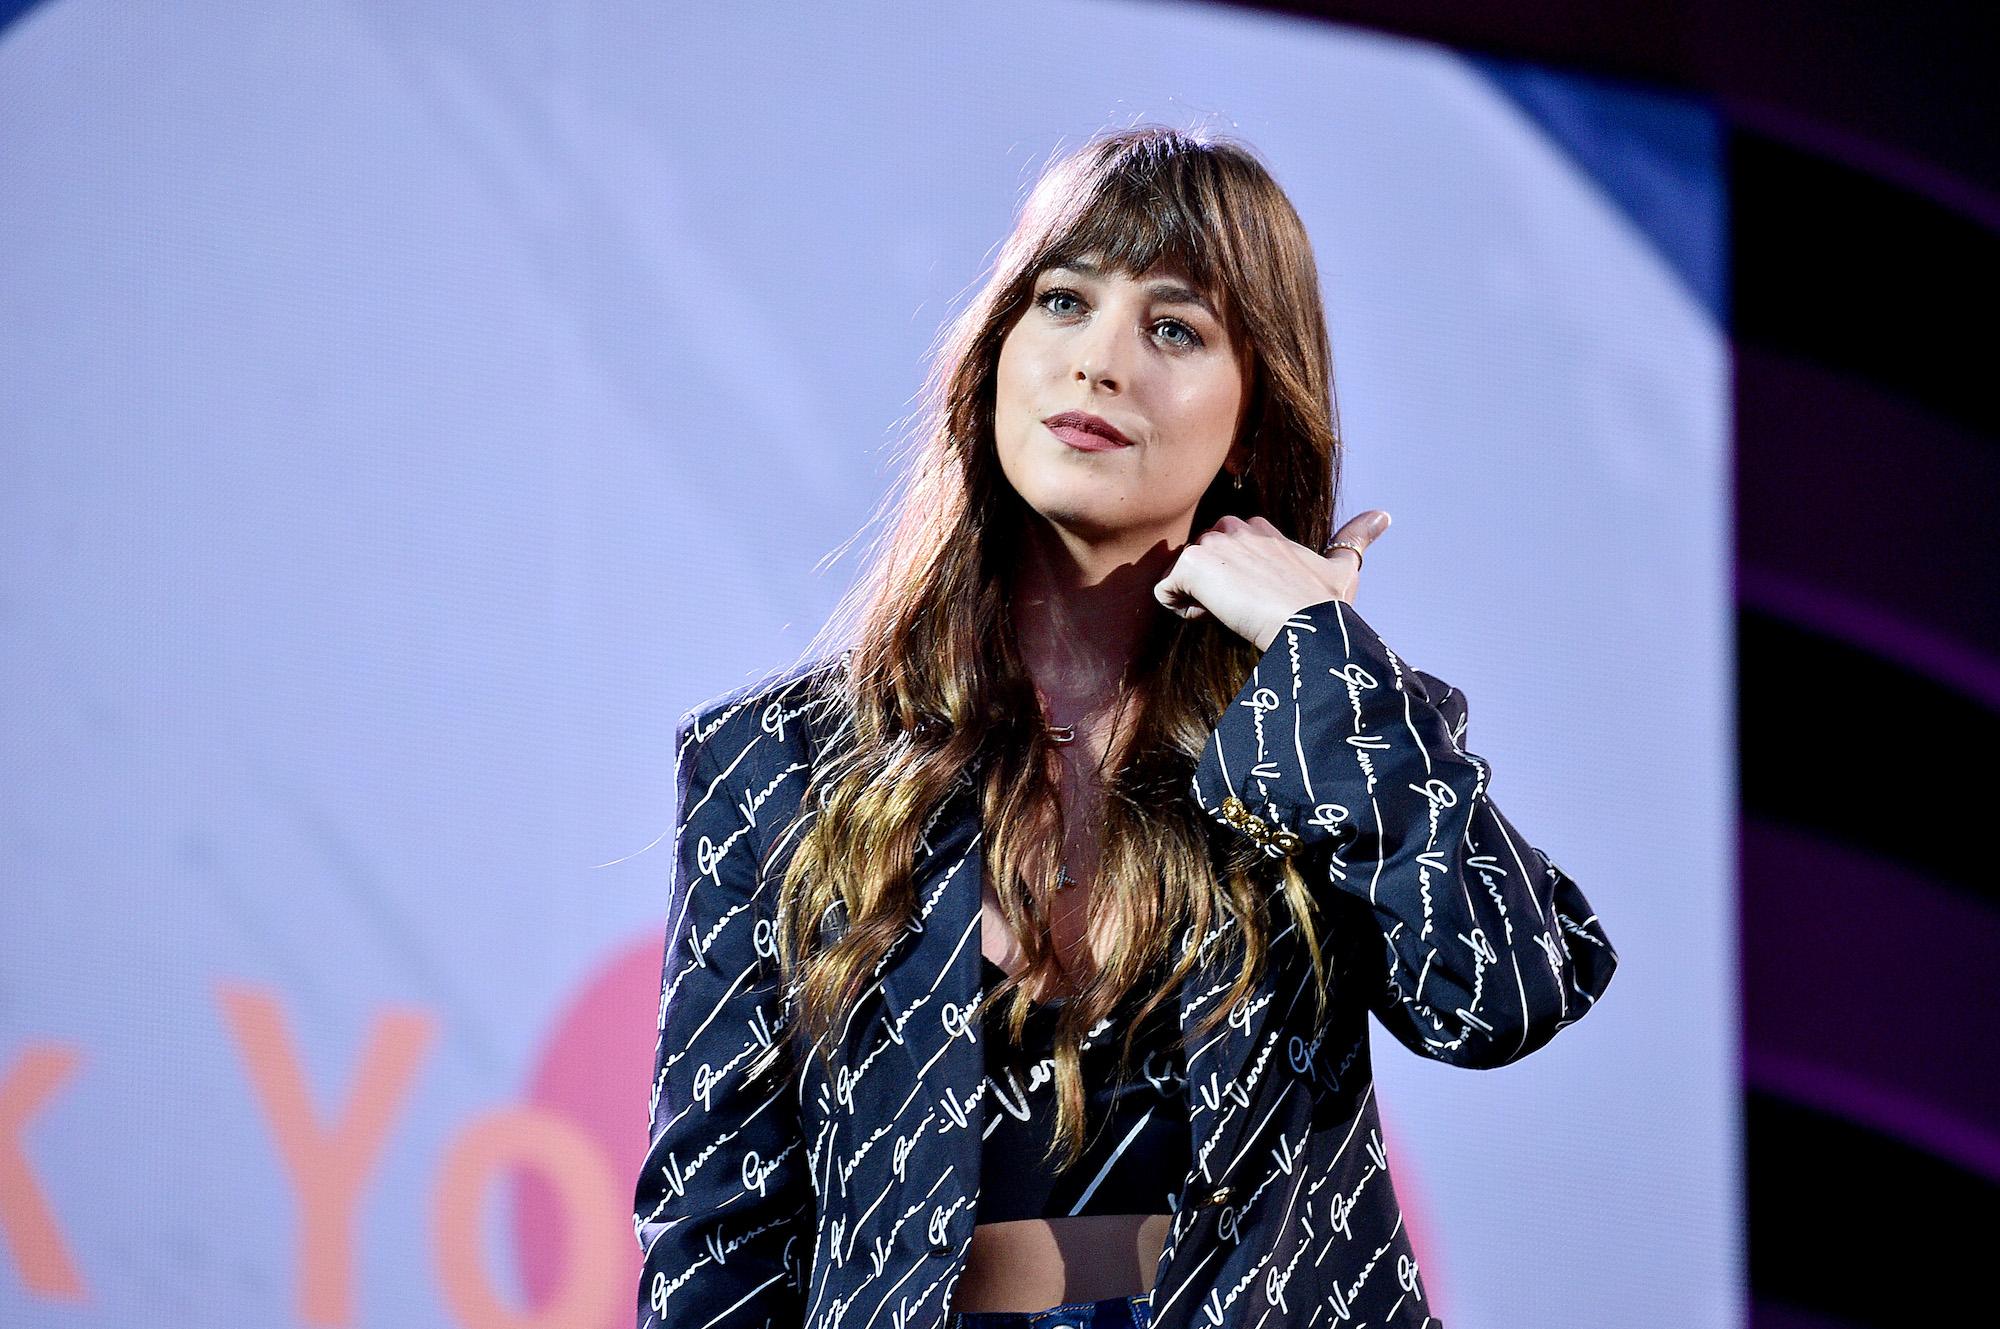 Dakota Johnson onstage during the 2019 Global Citizen Festival: Power The Movement in Central Park on September 28, 2019.